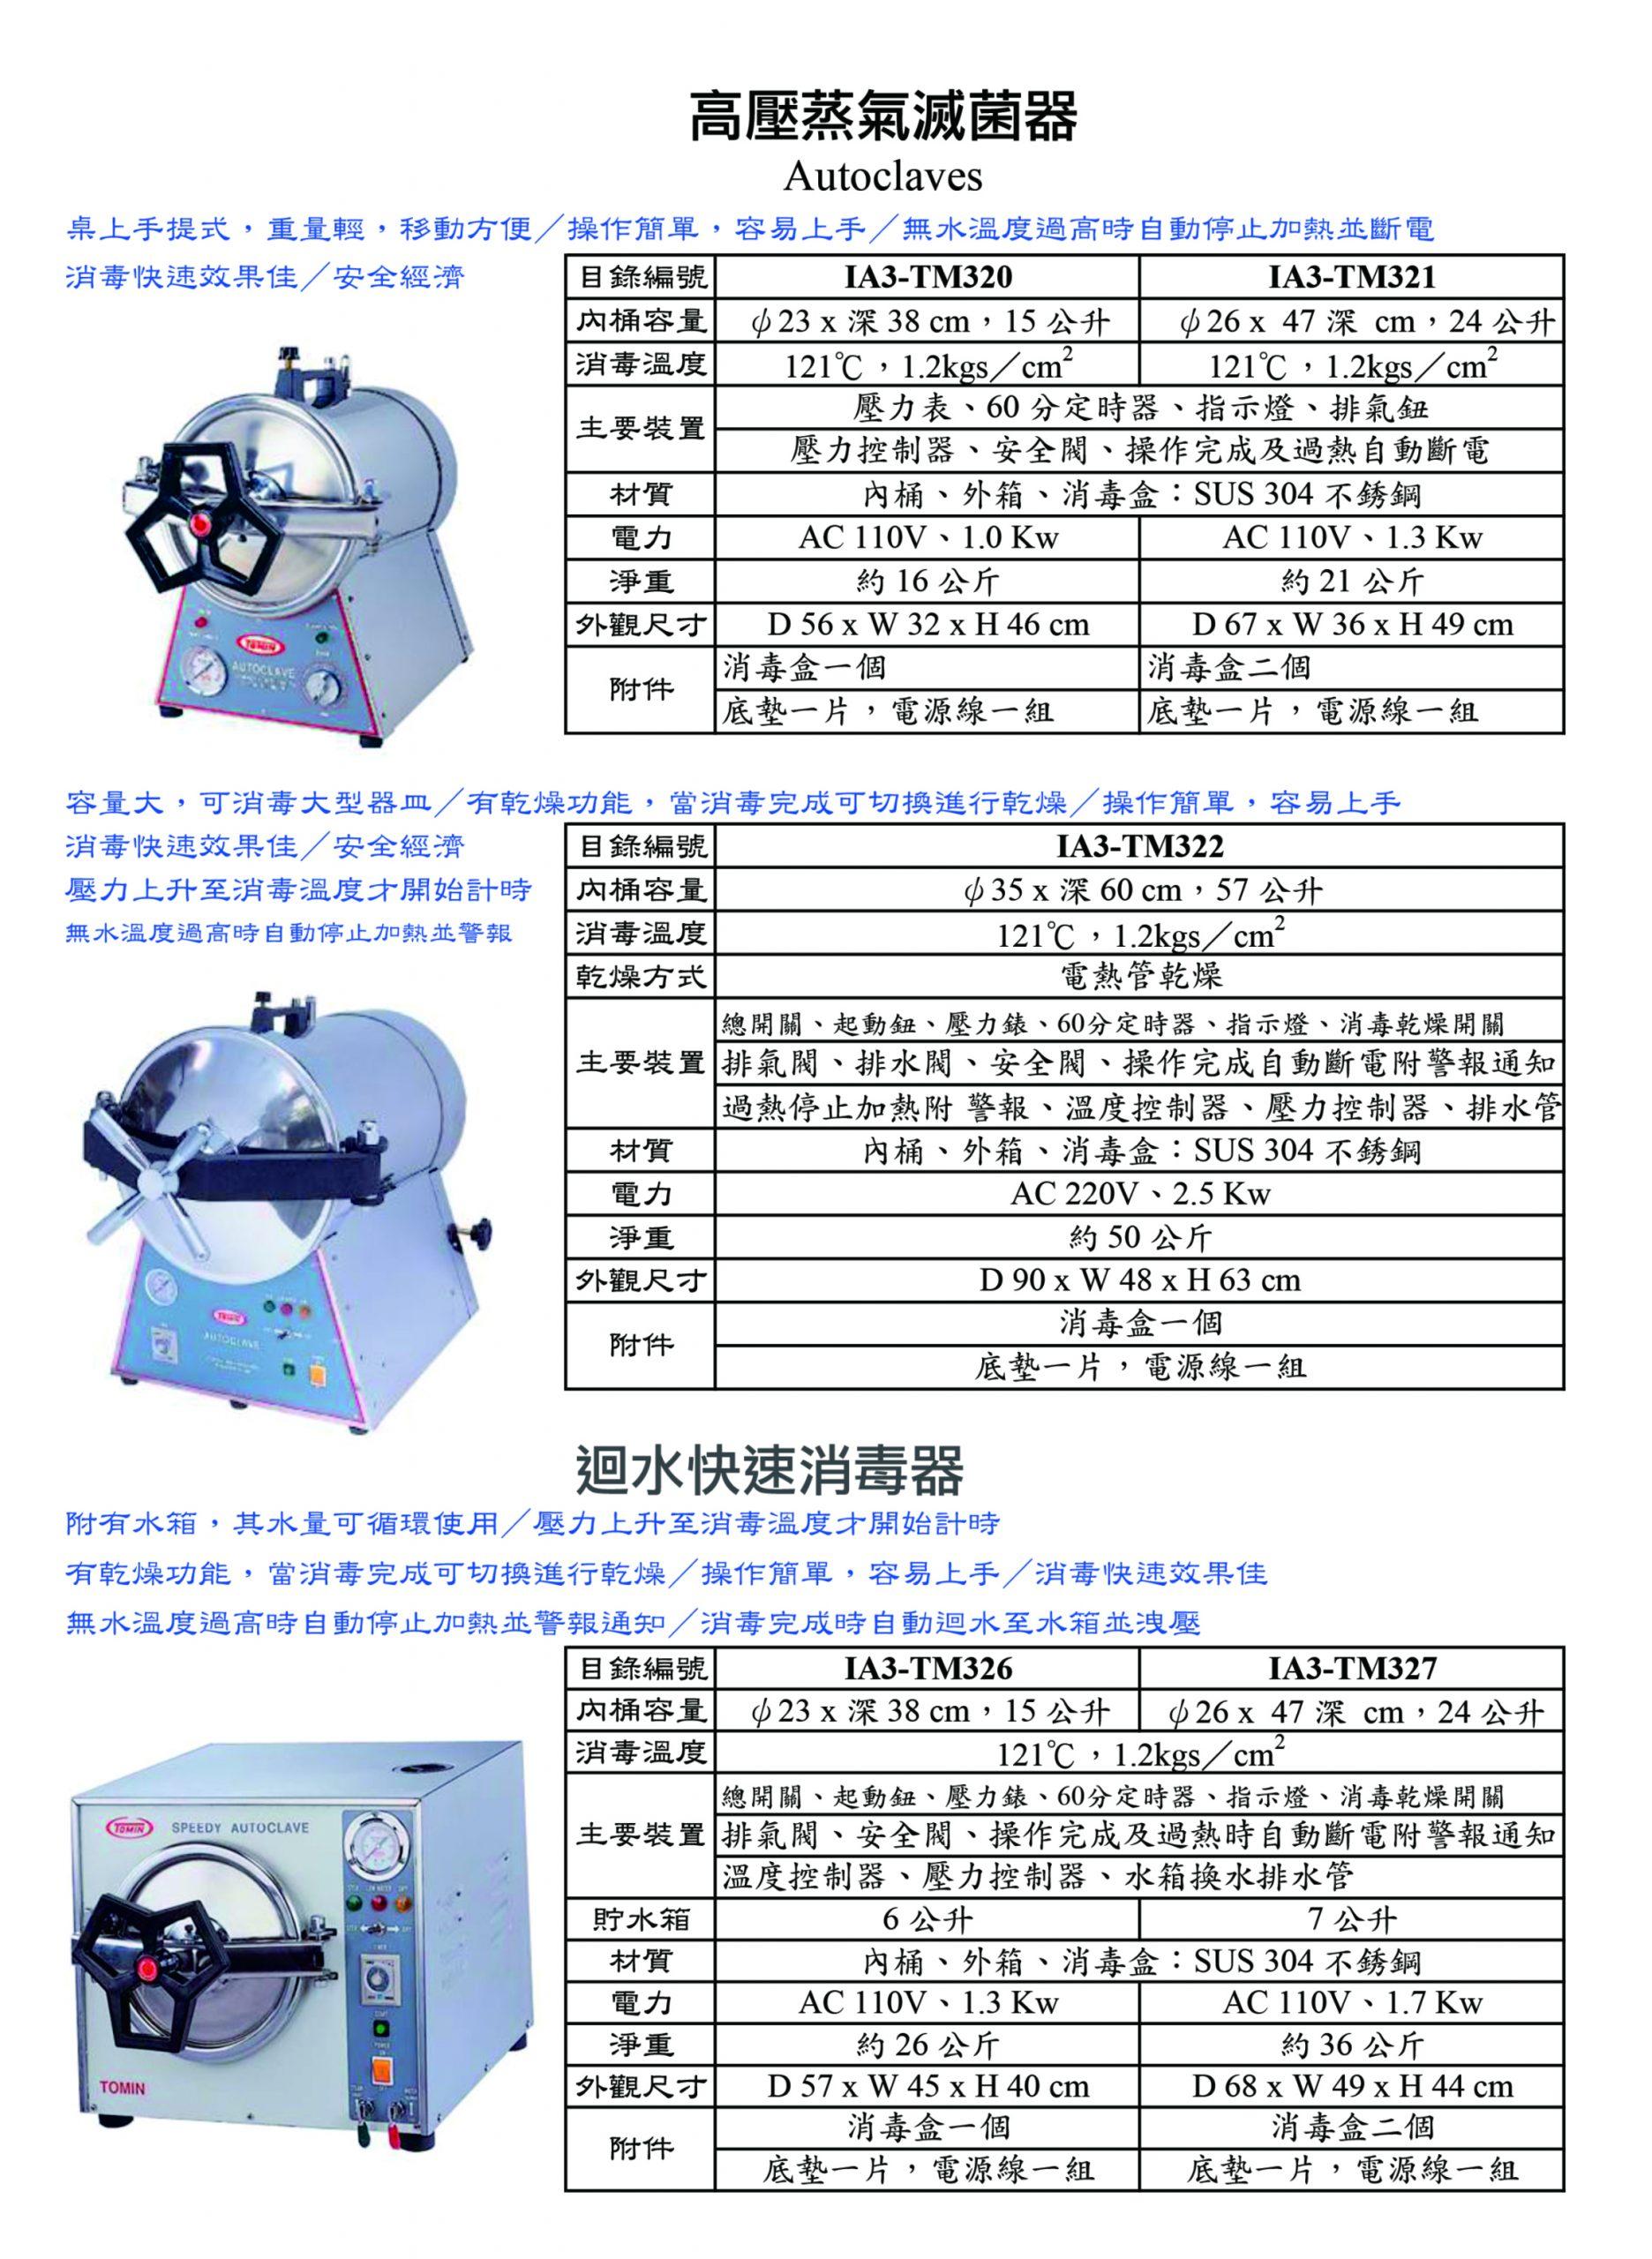 高壓蒸氣滅菌器